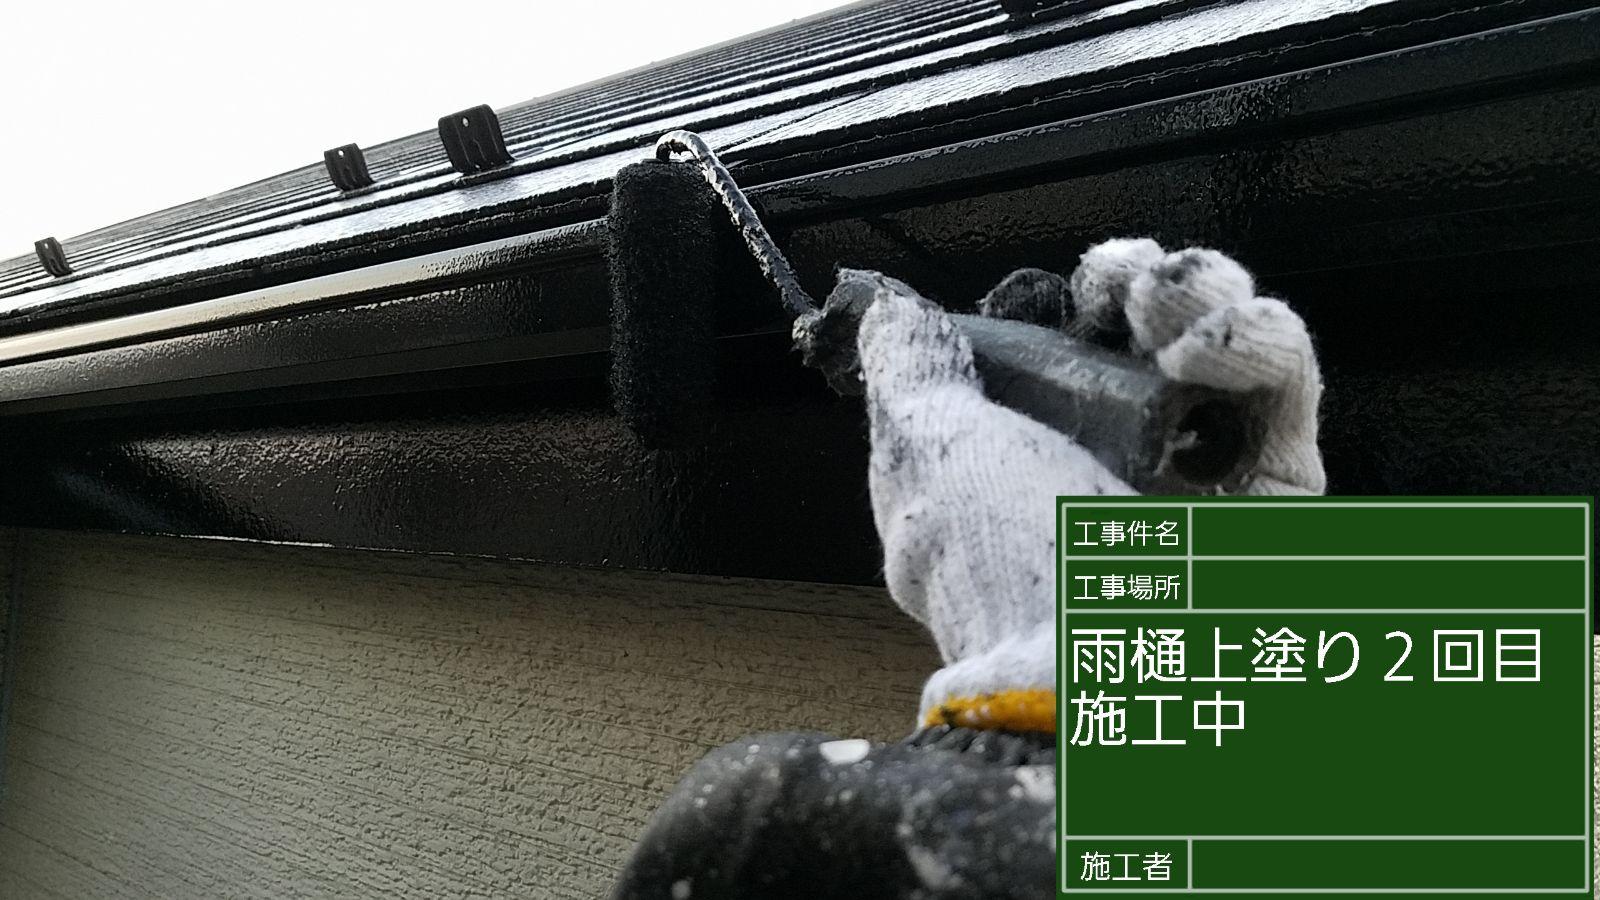 雨樋破風板⑤20022